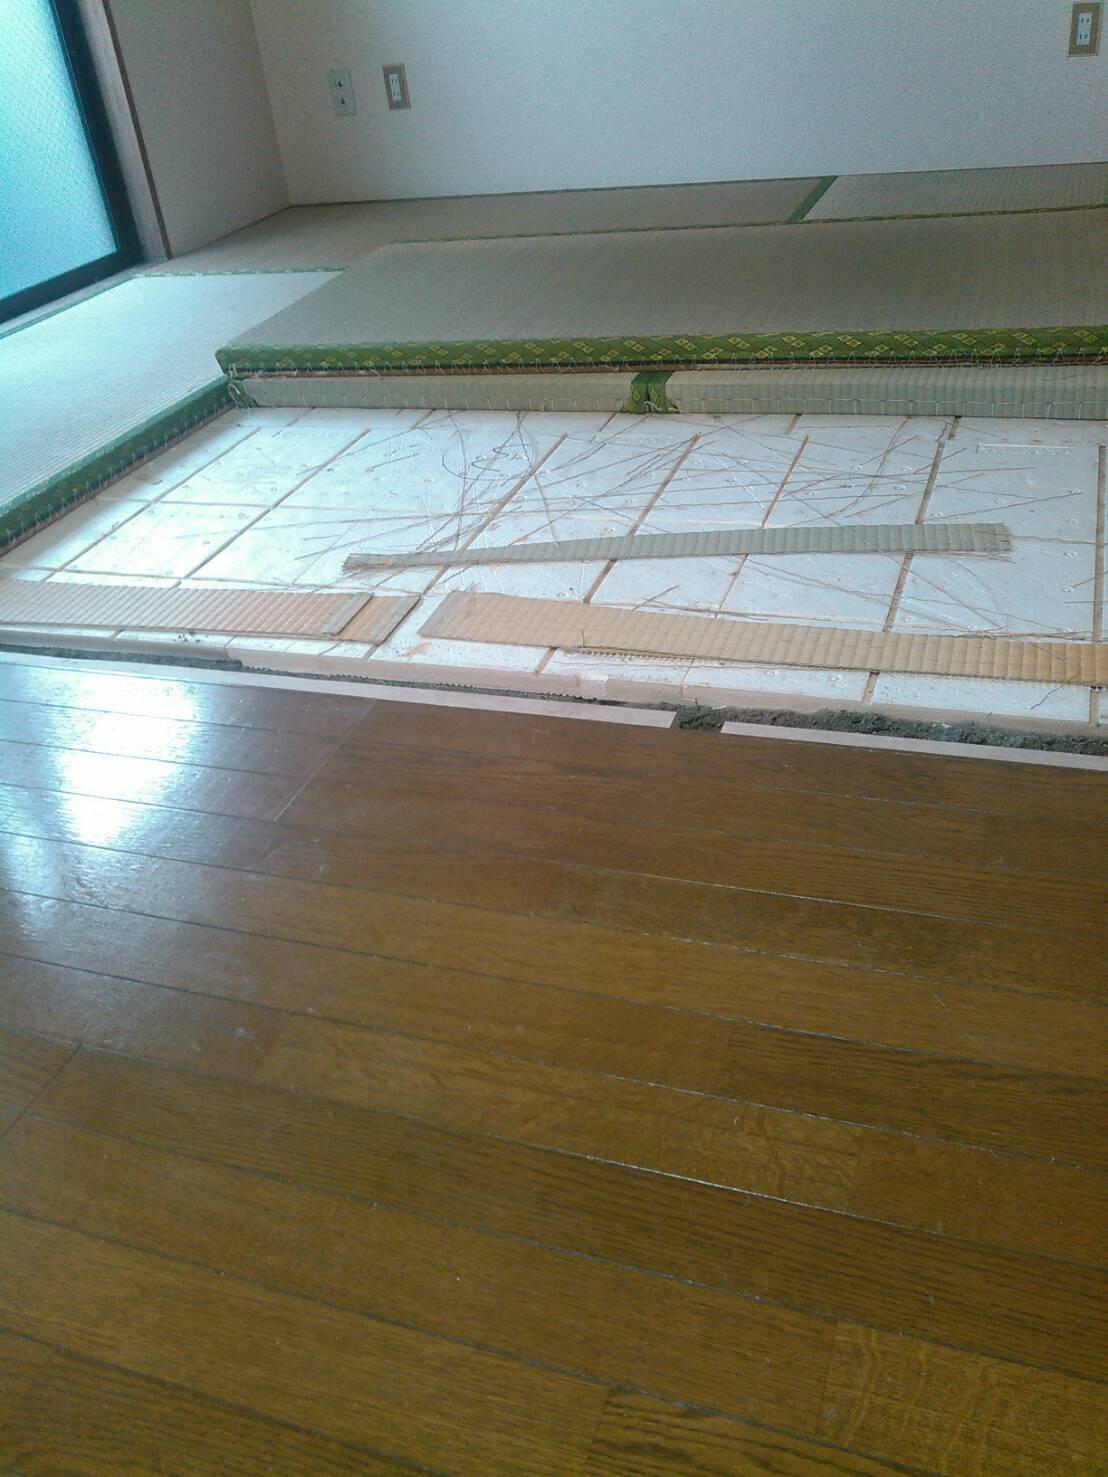 川崎市中原区 敷居交換工事を行いました! | リフォーム東京